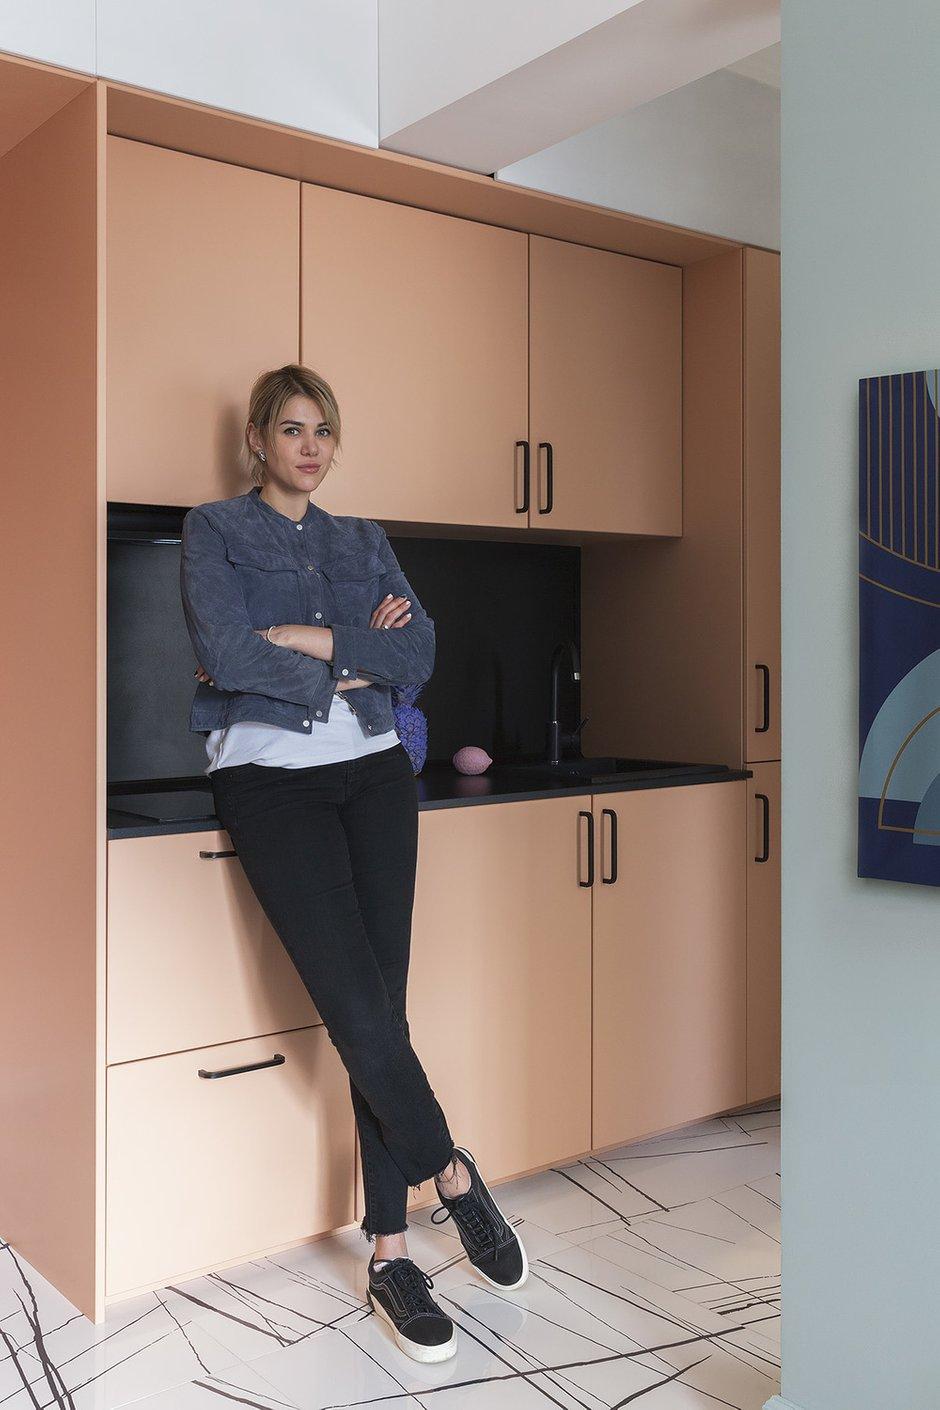 Фотография:  в стиле , Квартира, Проект недели, Сталинка, 3 комнаты, 40-60 метров, Москав, Светлана Хабеева – фото на INMYROOM